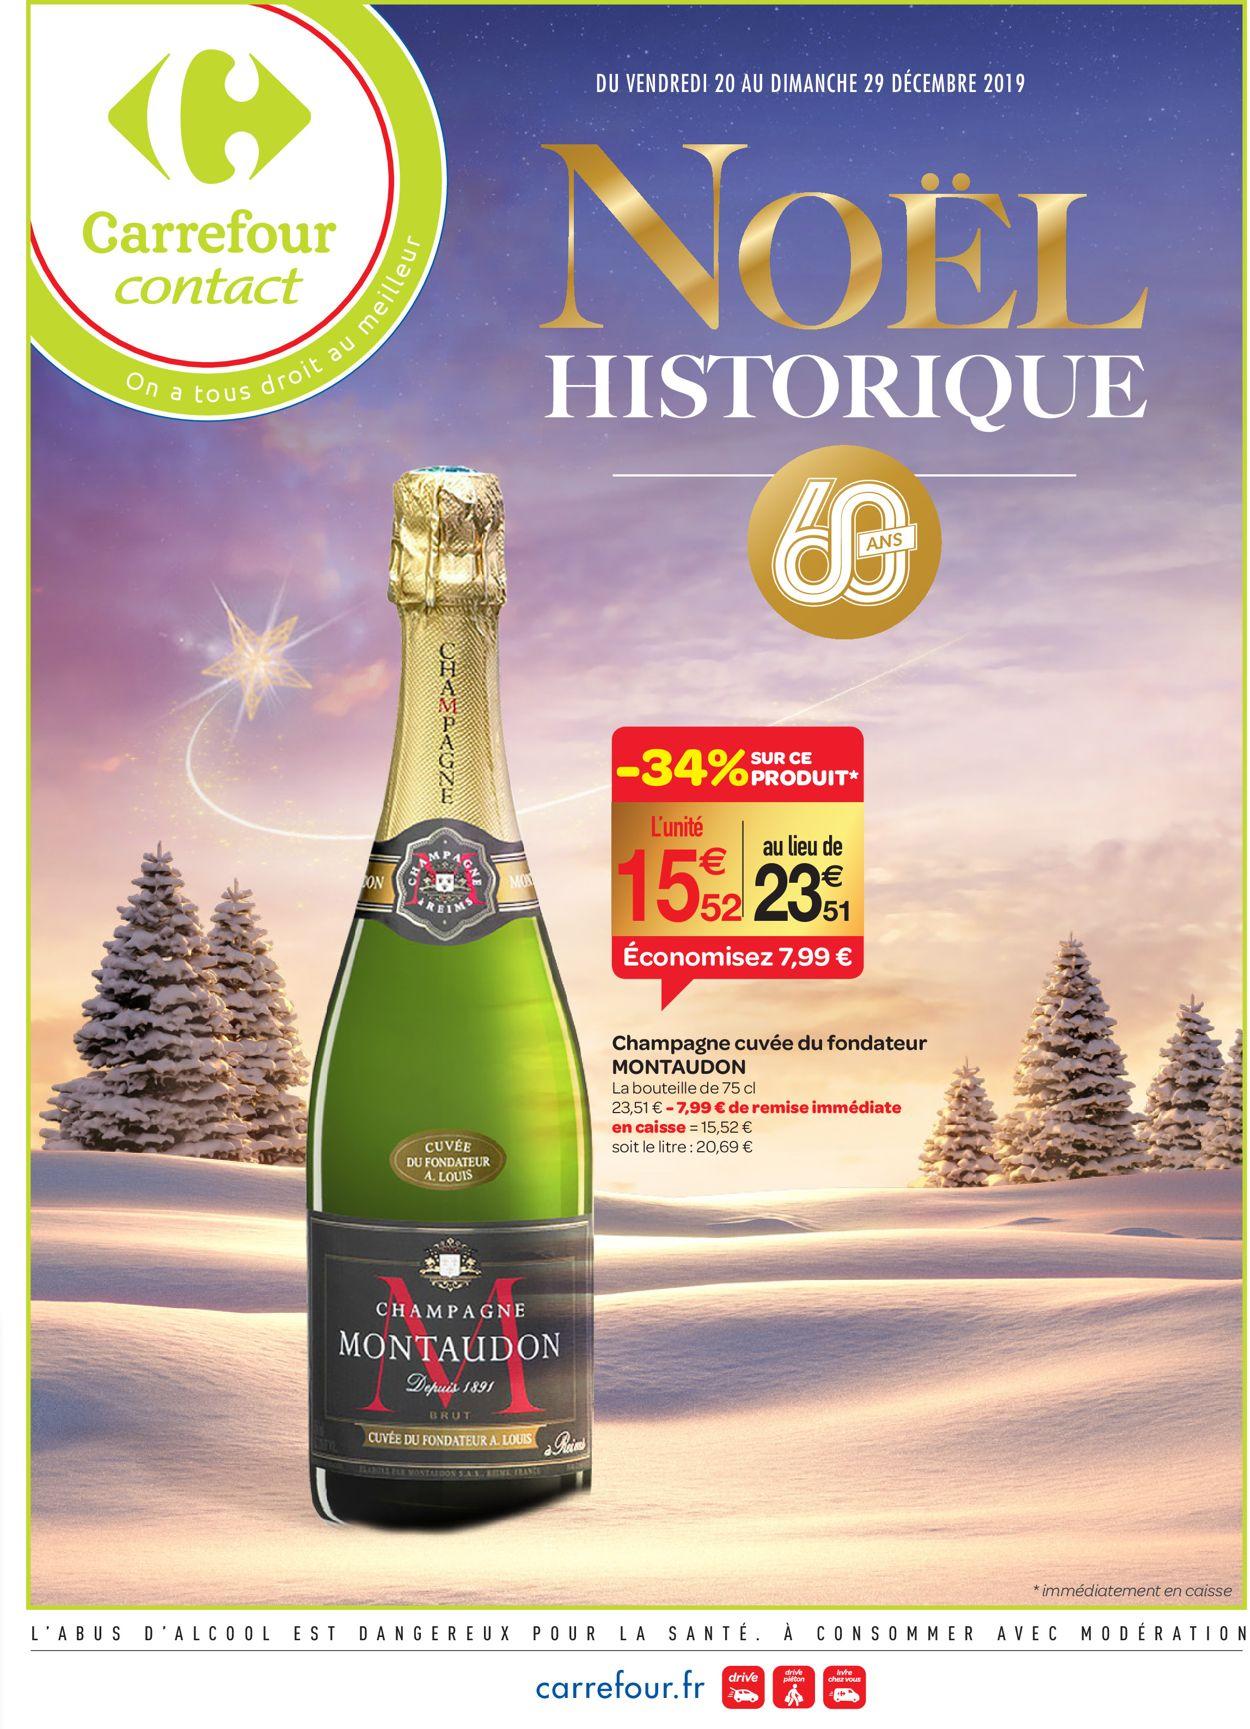 Carrefour Catalogue - 20.12-29.12.2019